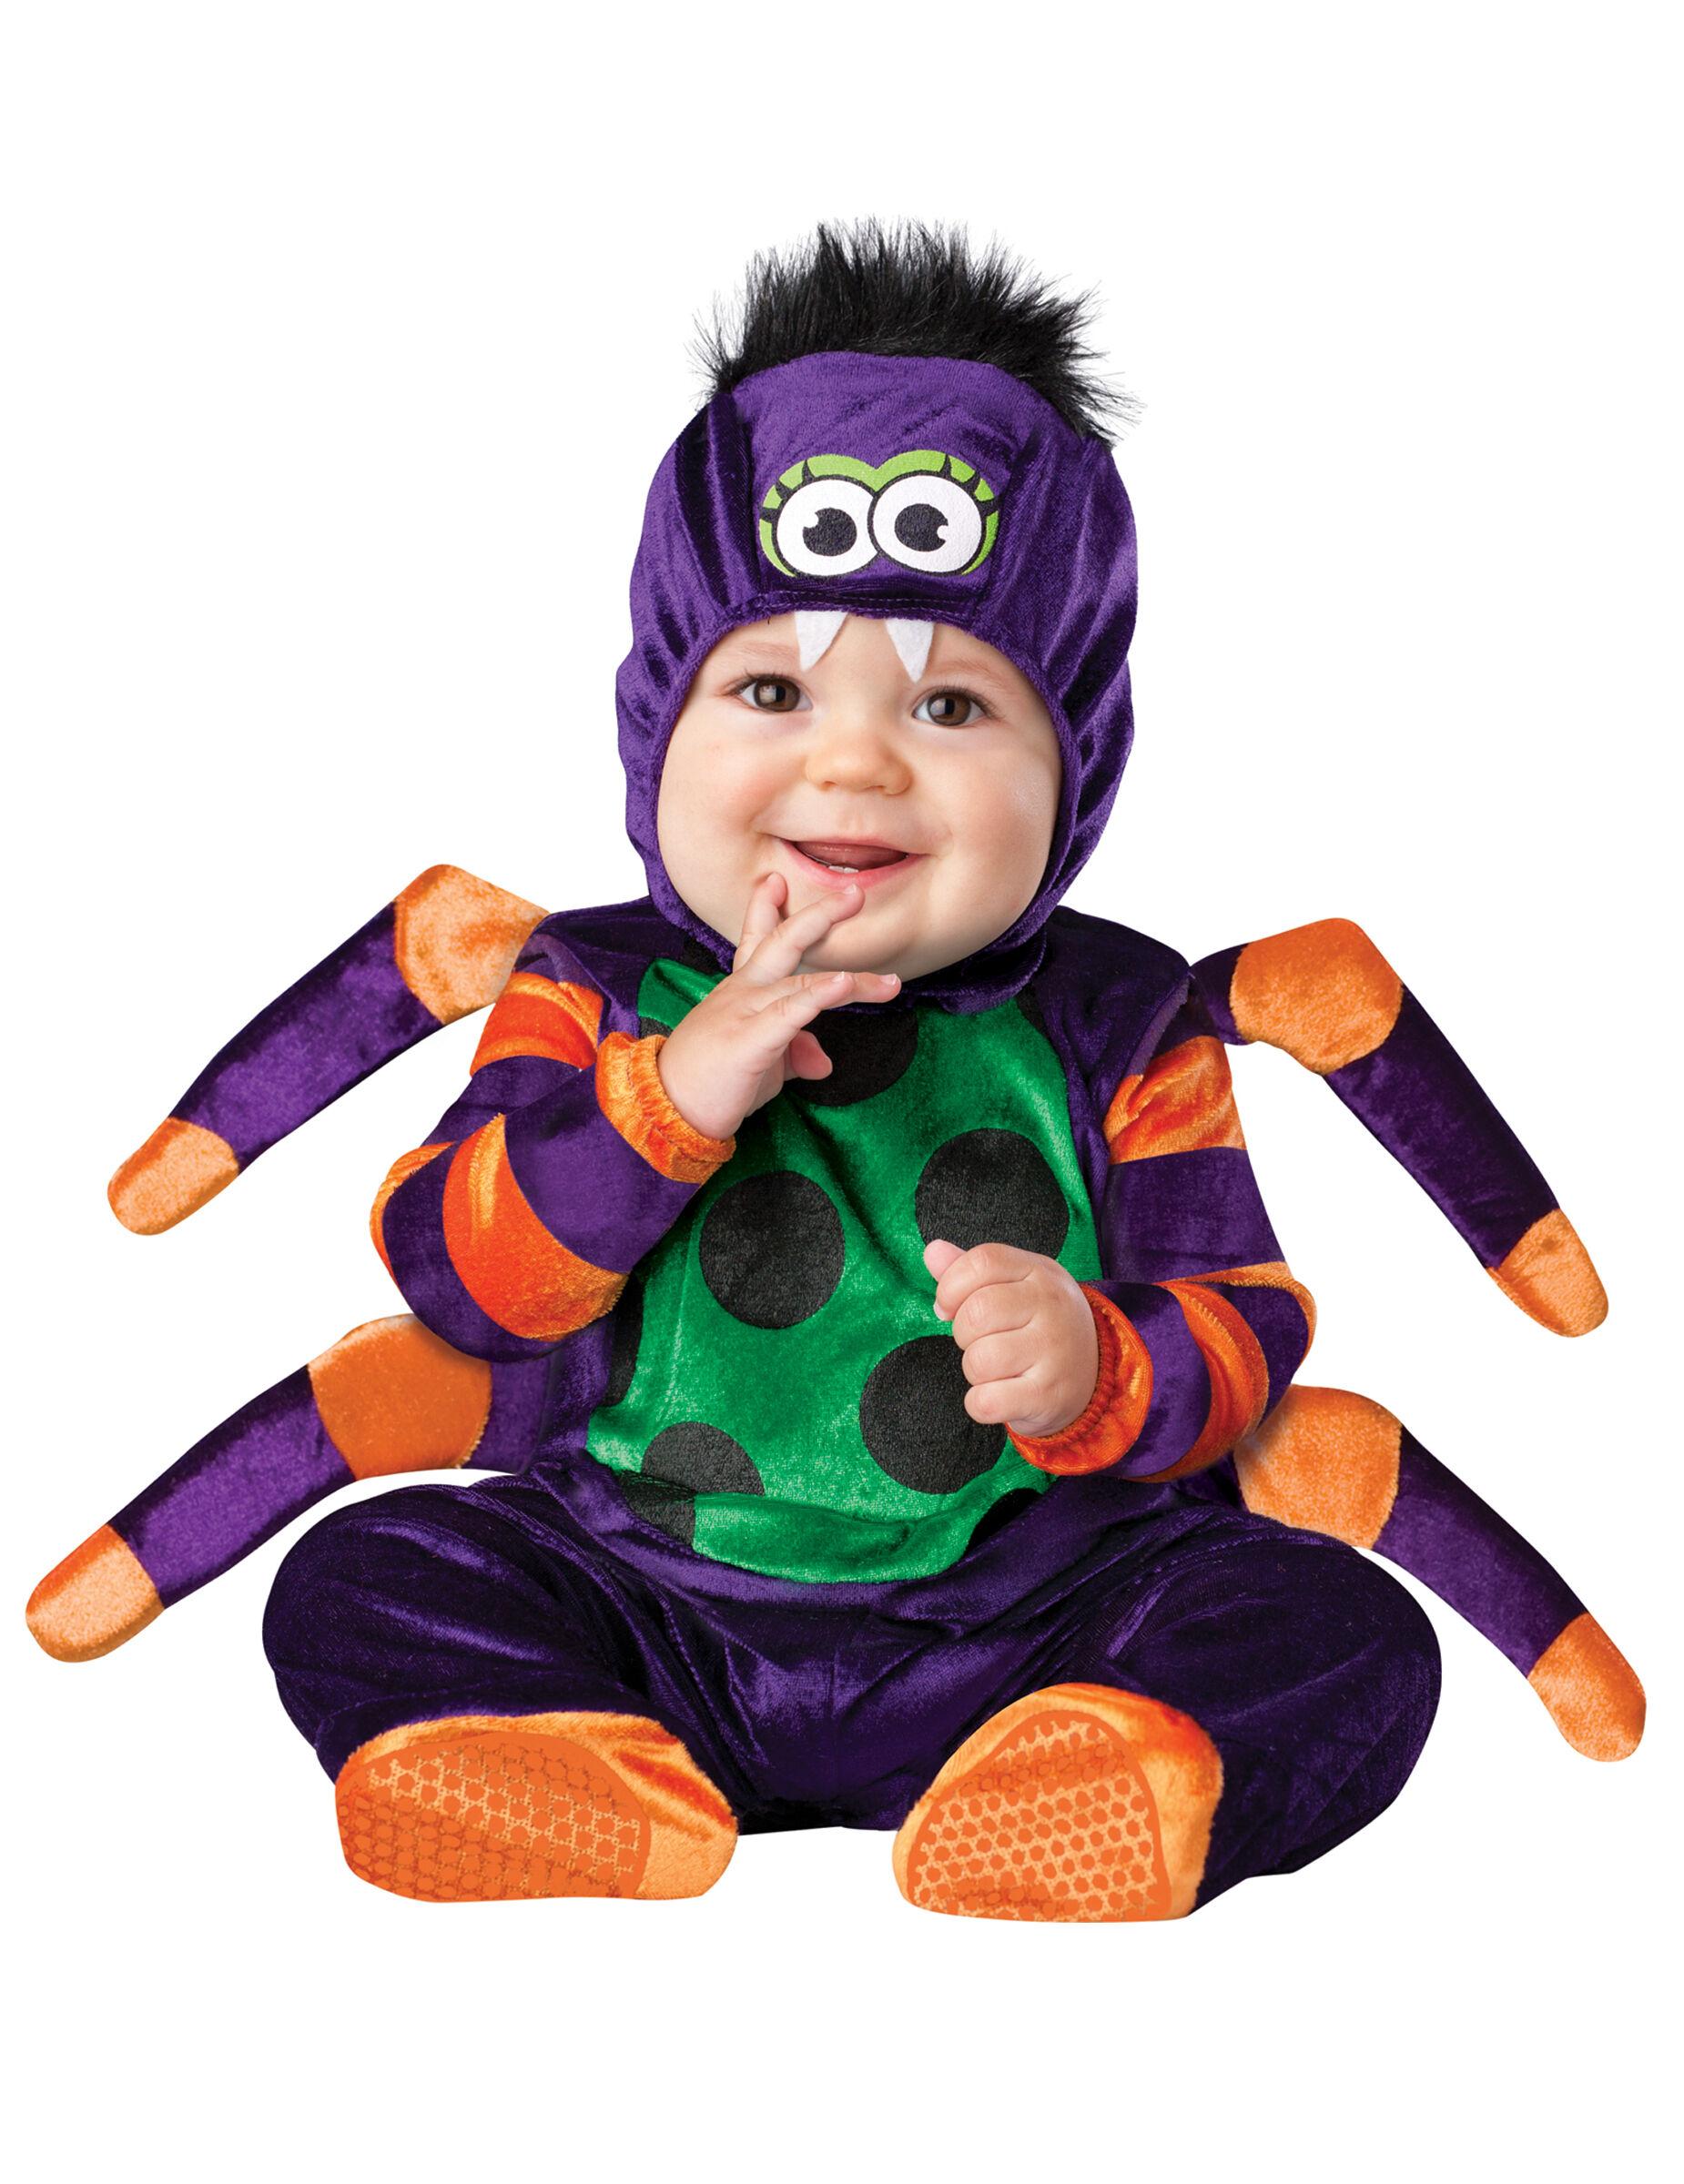 Deguisetoi Déguisement araignée pour bébé - Classique - Taille: 0-6 mois (58-66 cm)